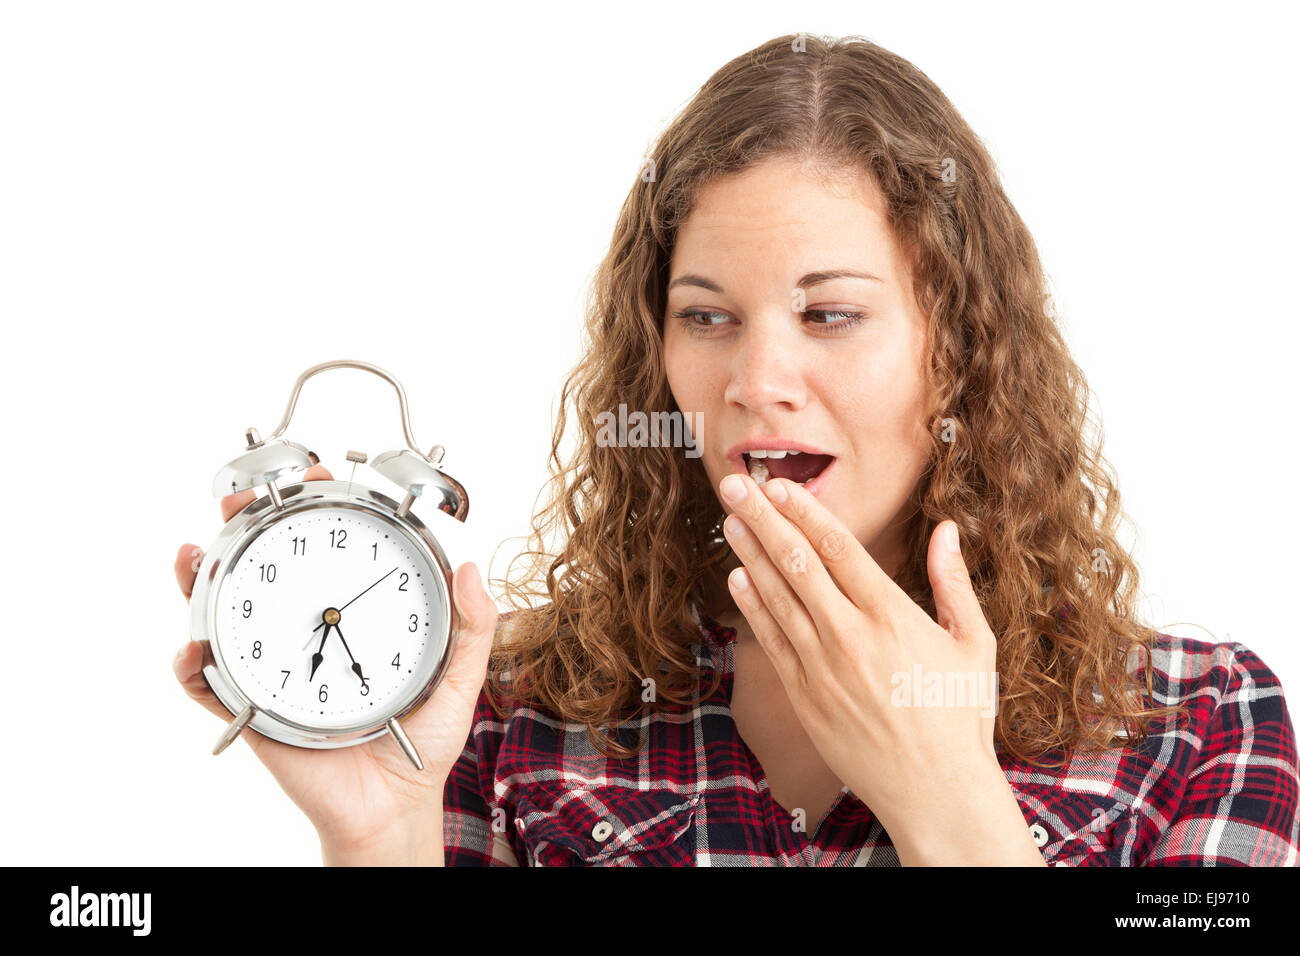 Müde Frau mit Wecker Stockfoto